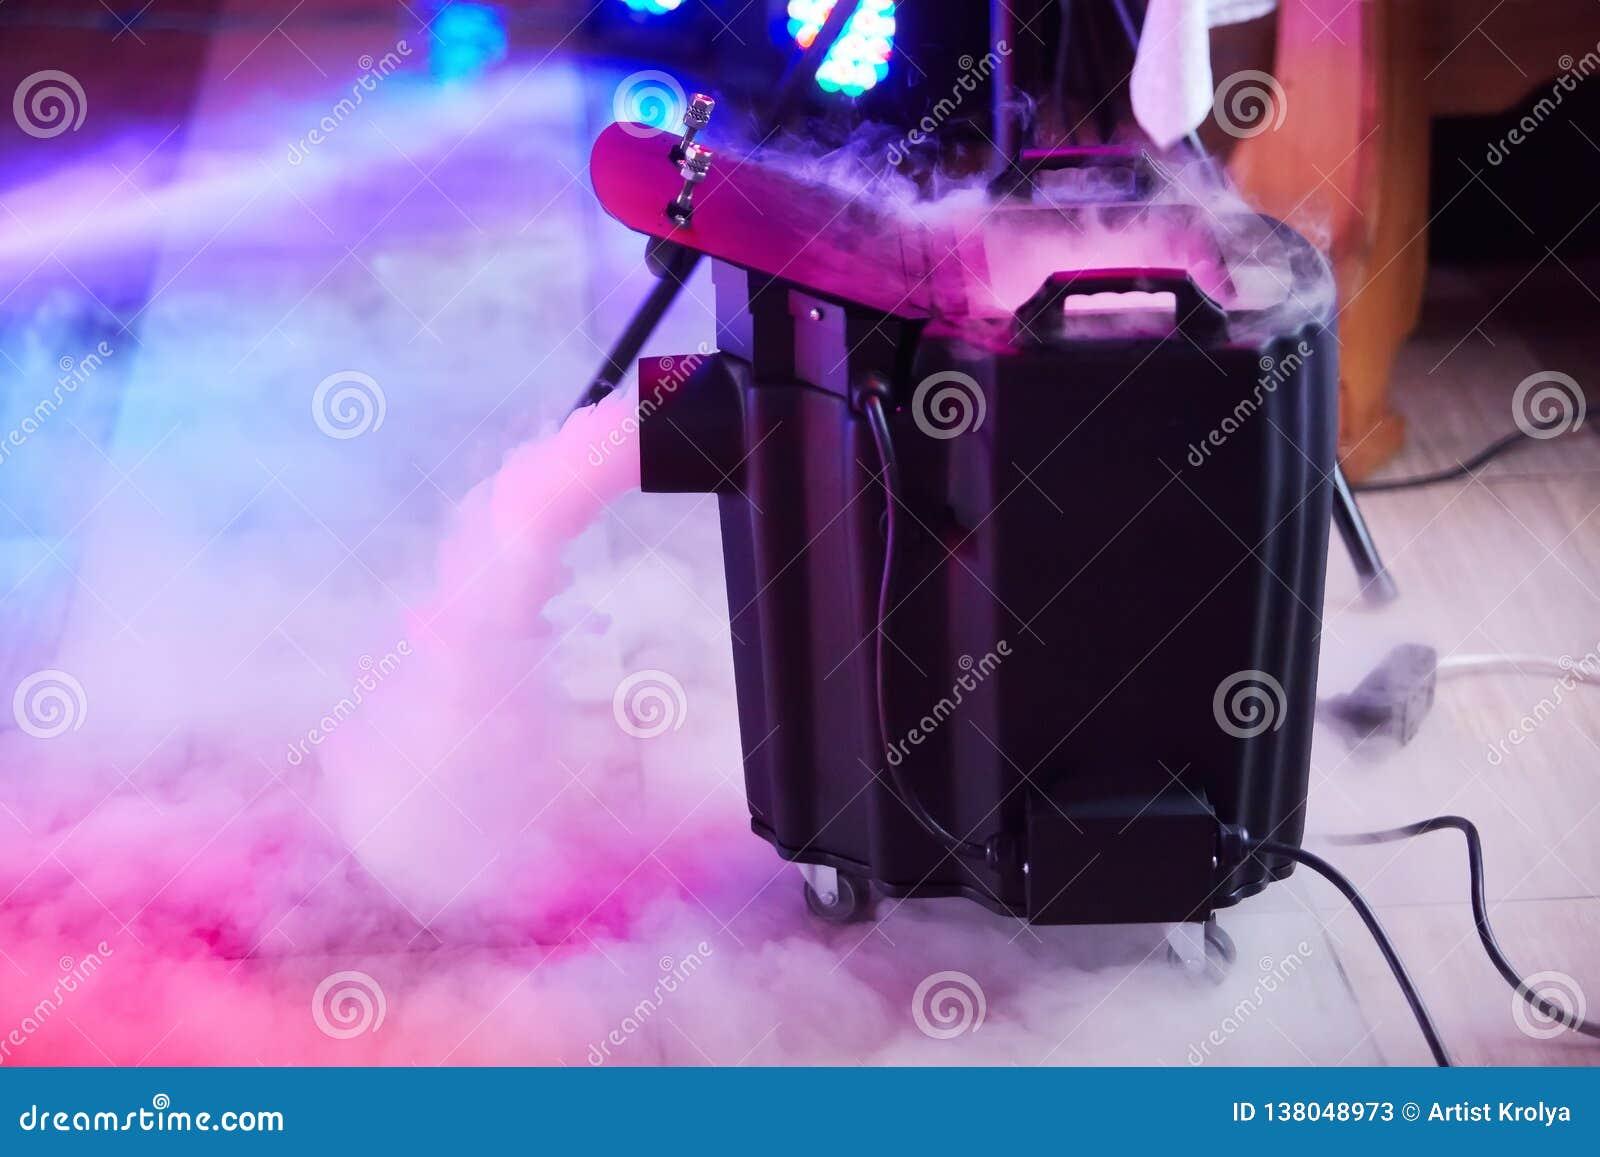 Nowożytny dymu, mgły suchego lodu przyrząd w akcji/